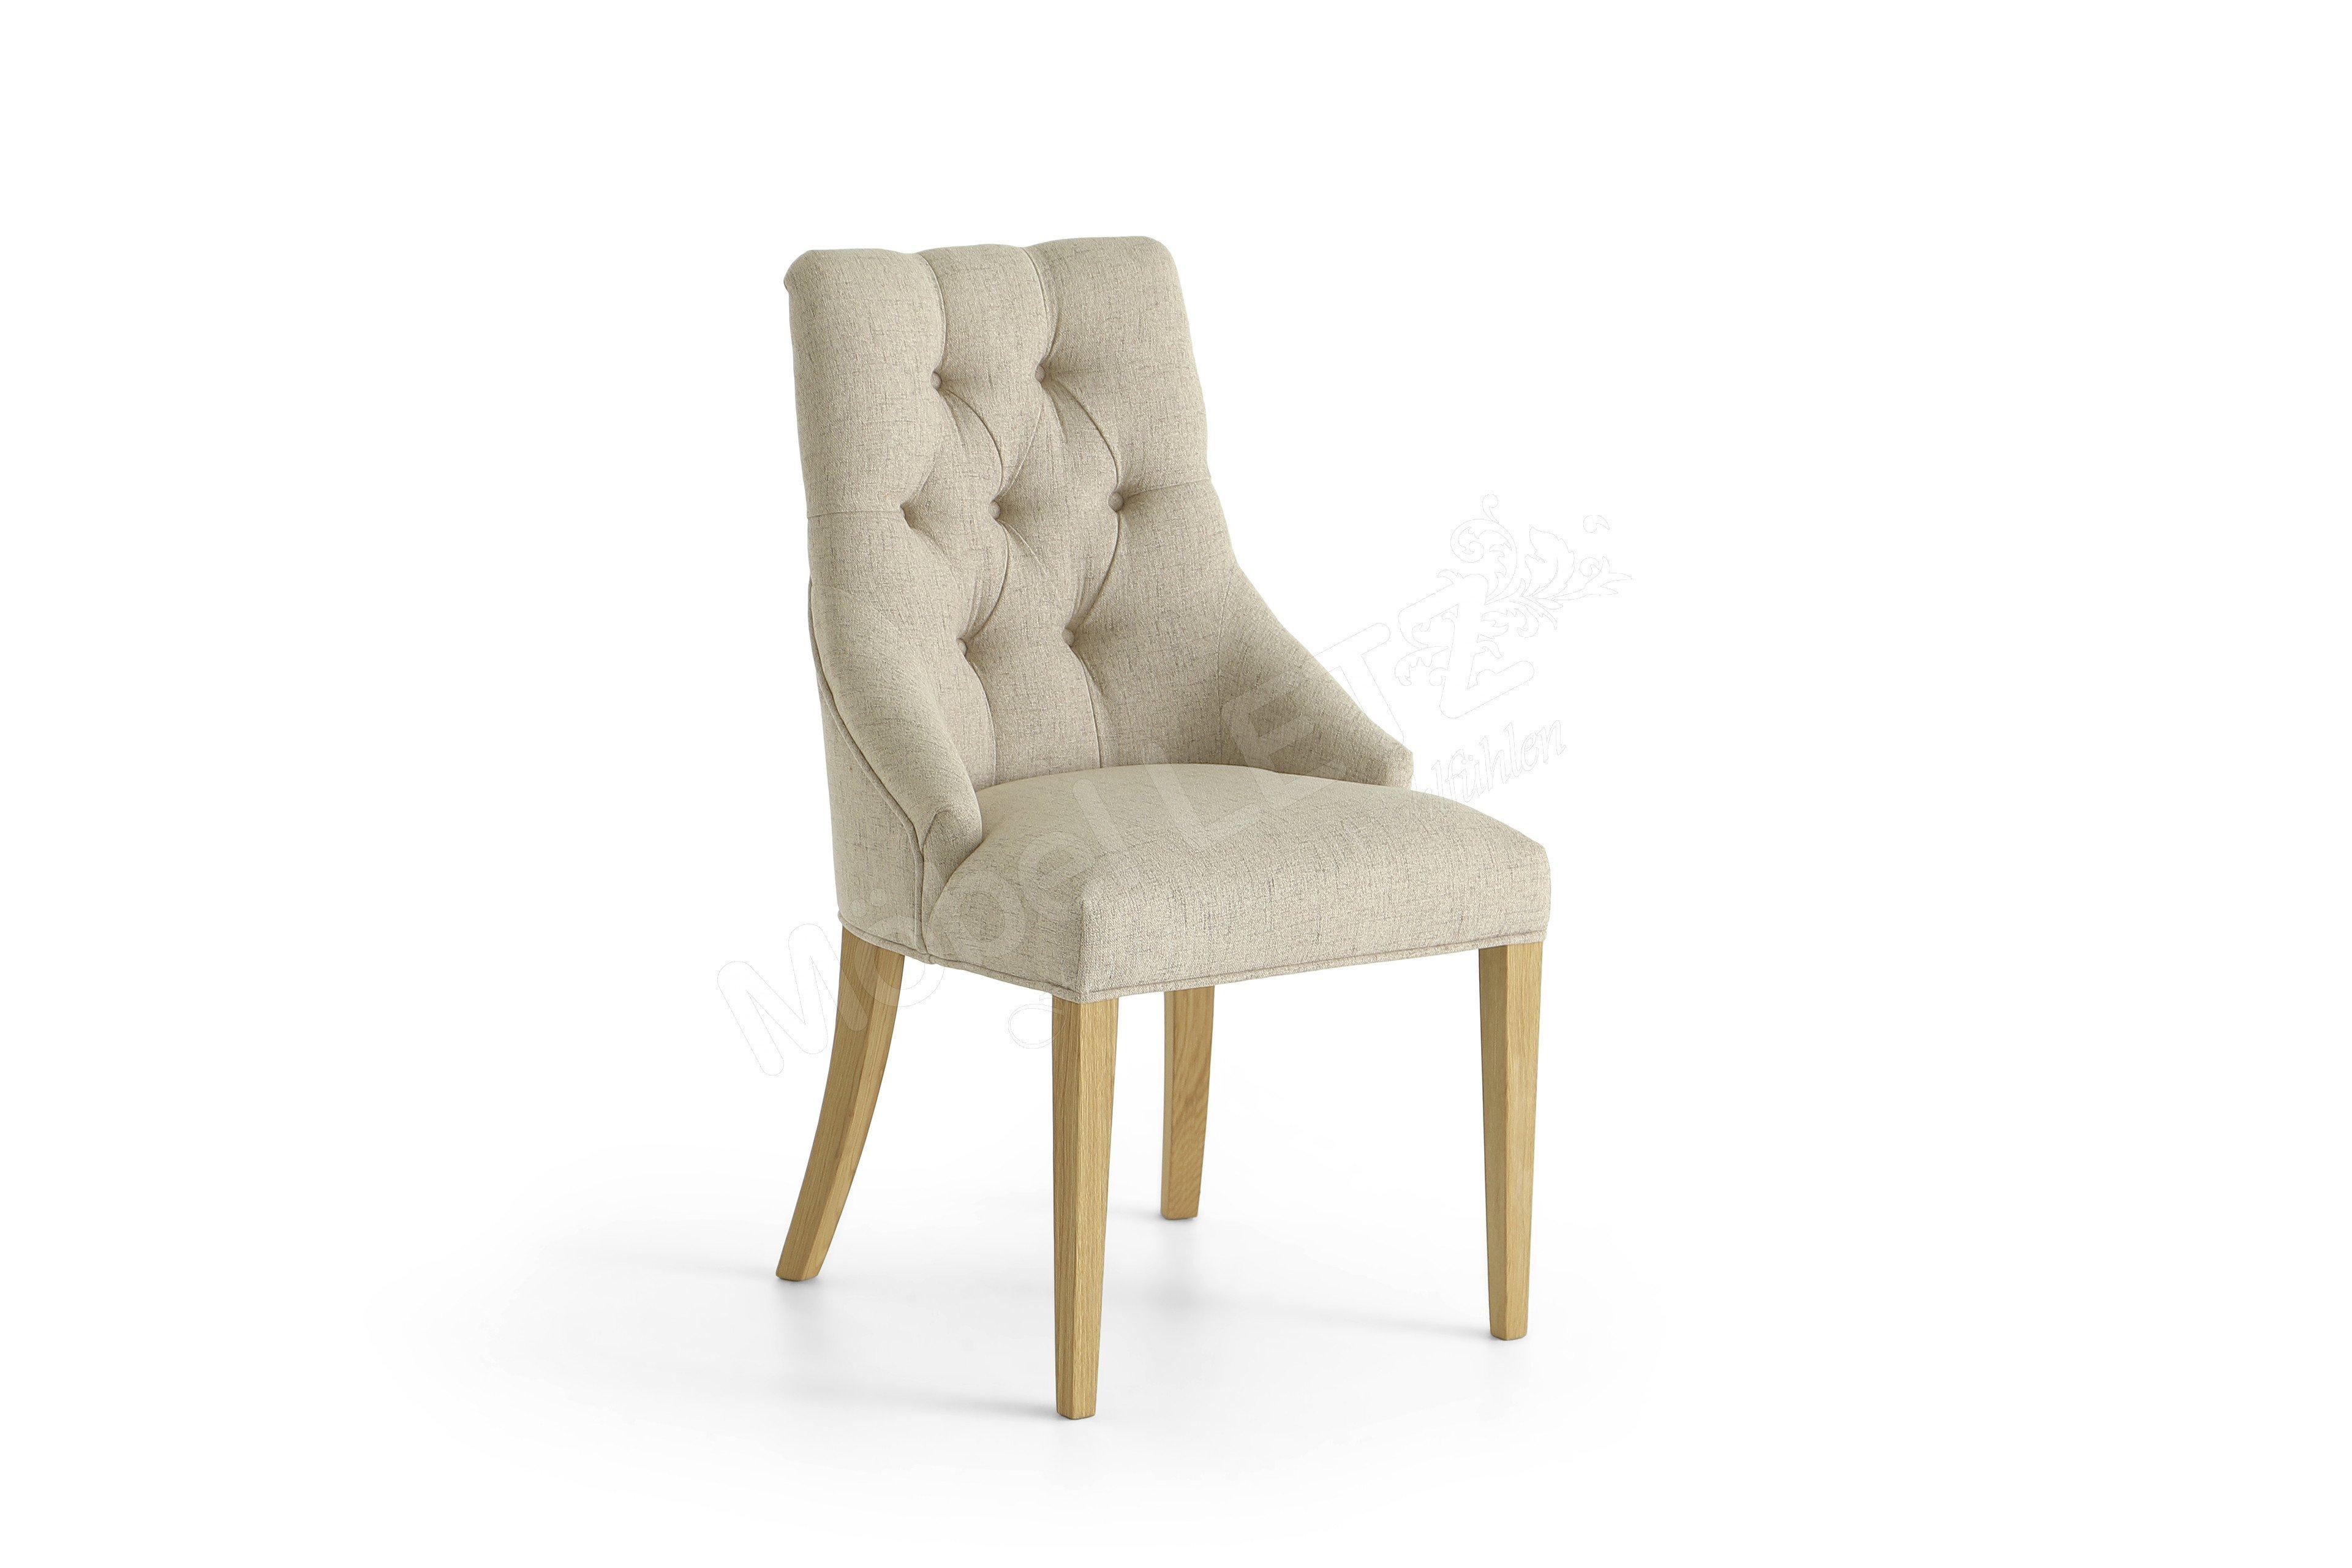 Bemerkenswert Beige Stühle Ideen Von Romantica Aus Der Kollektion Letz - Stuhl